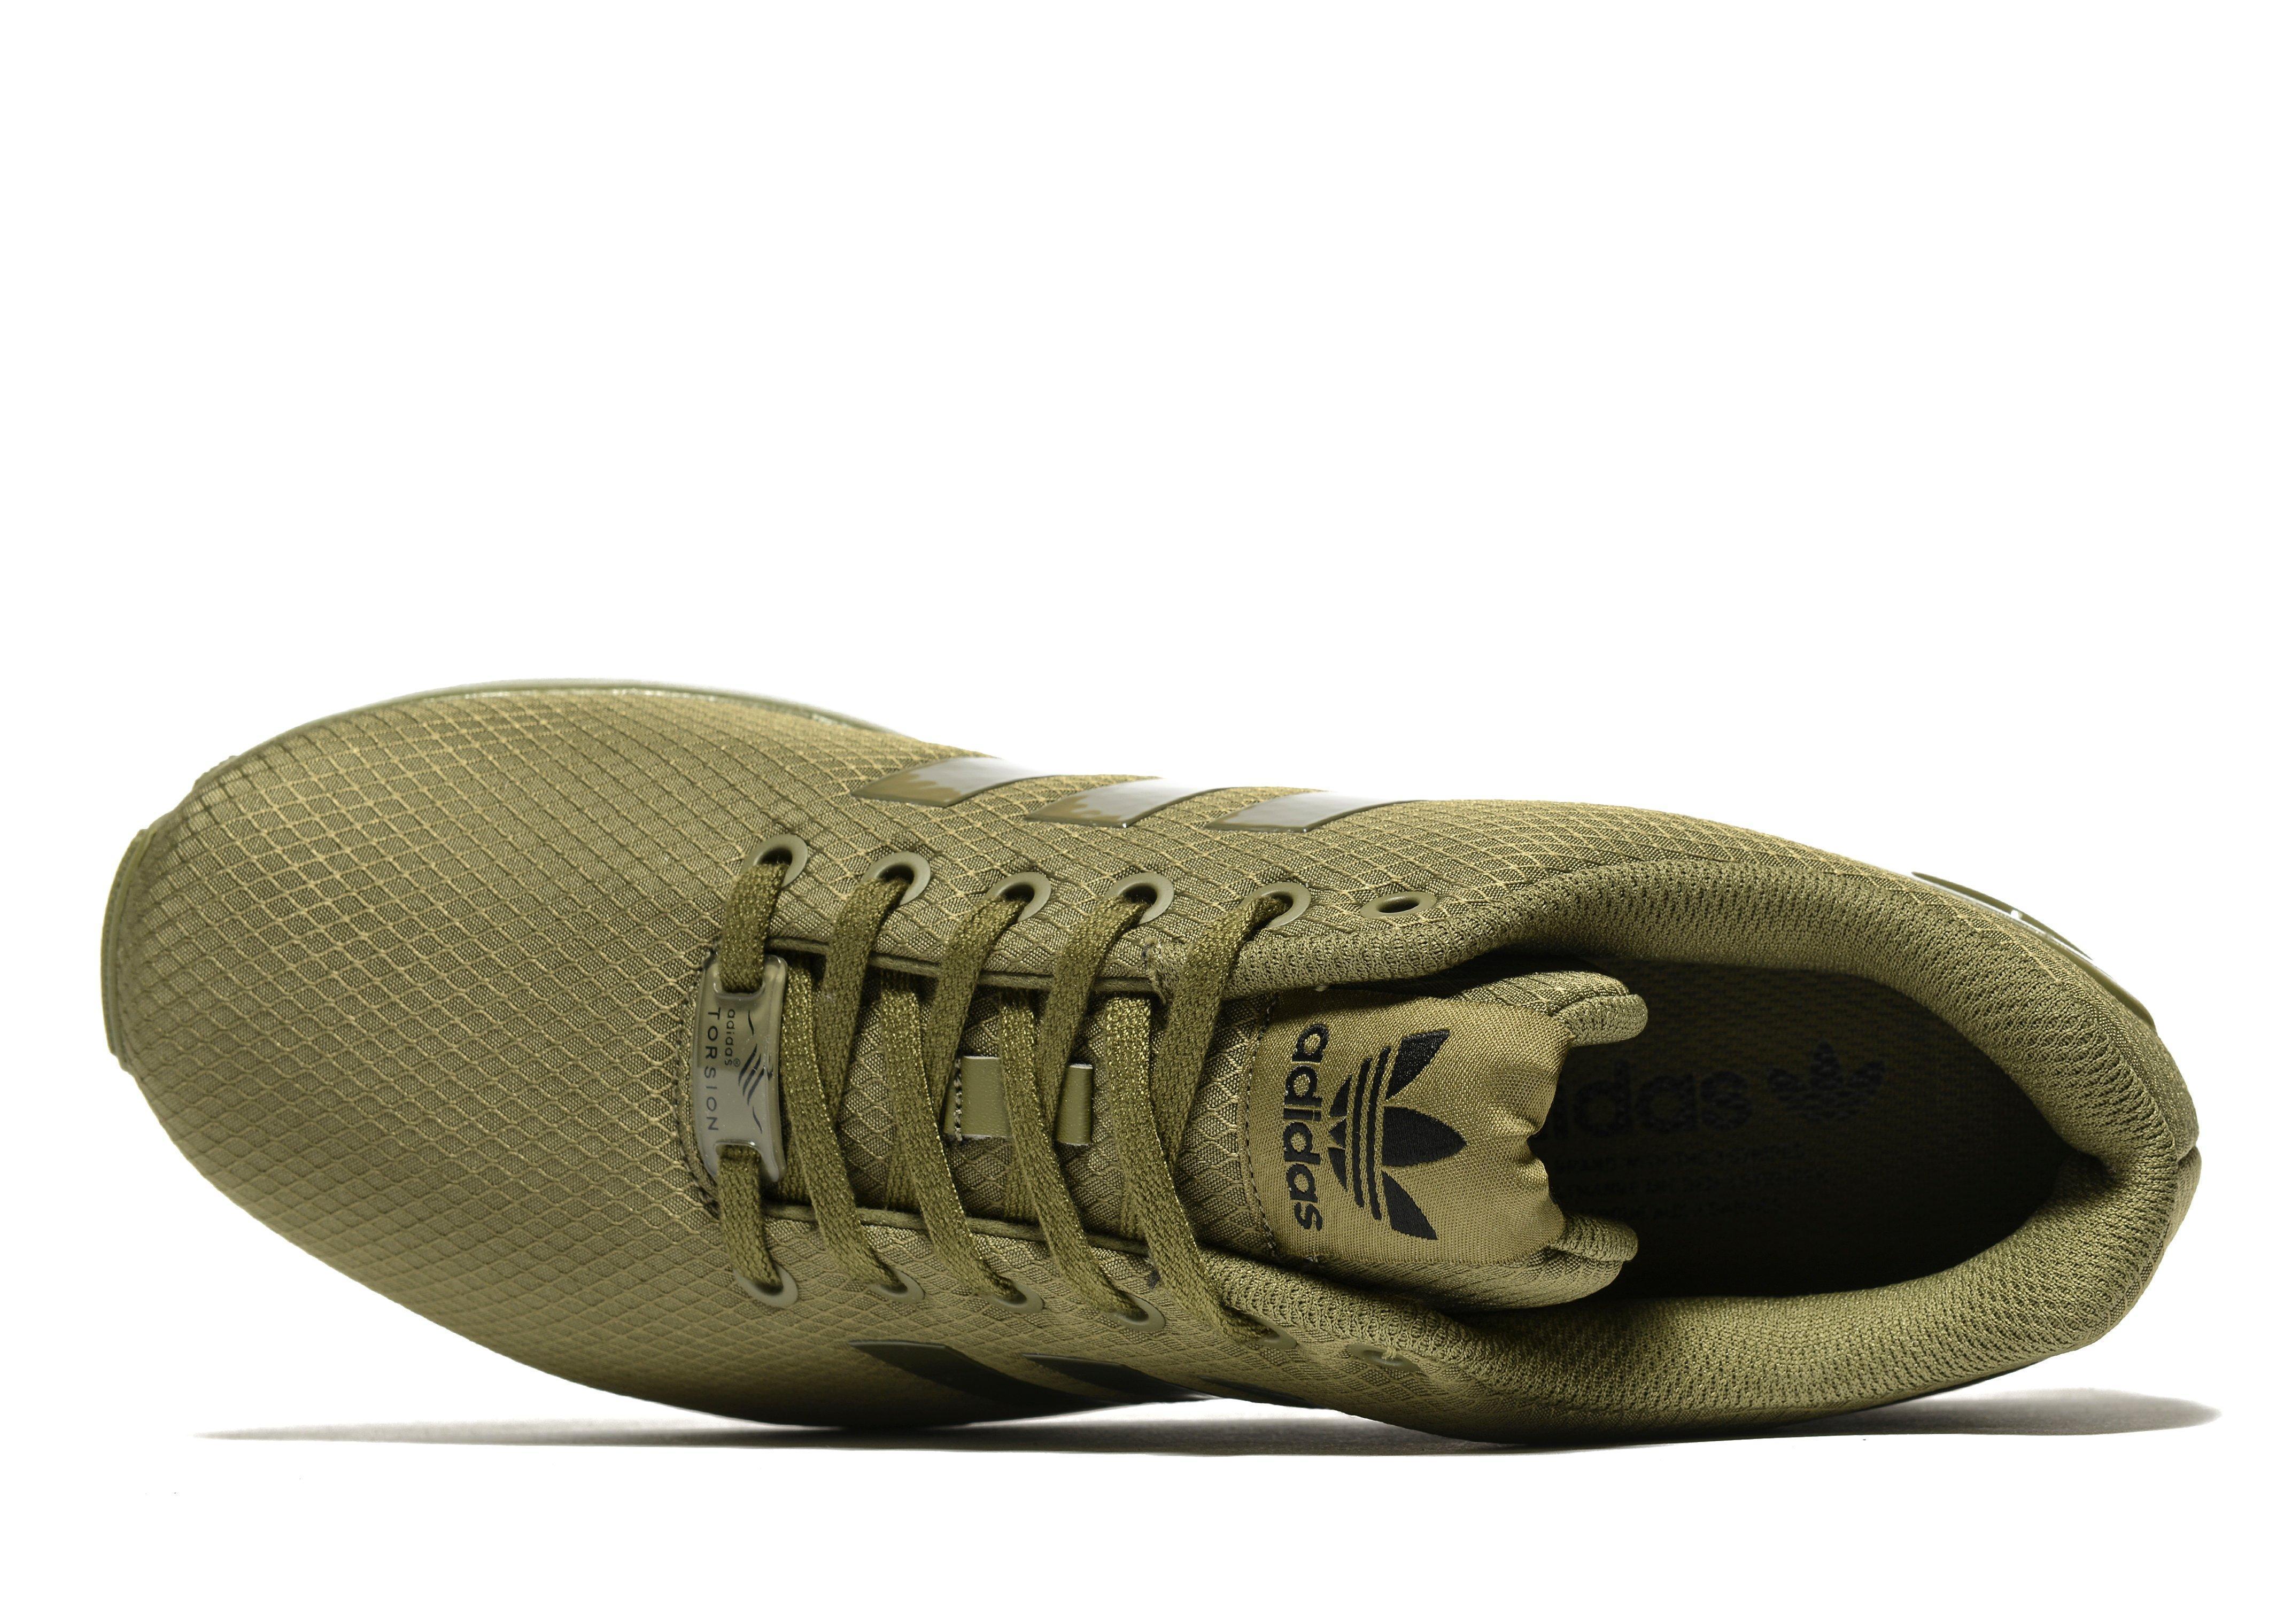 Lyst adidas originali zx flusso ripstop in verde per gli uomini.